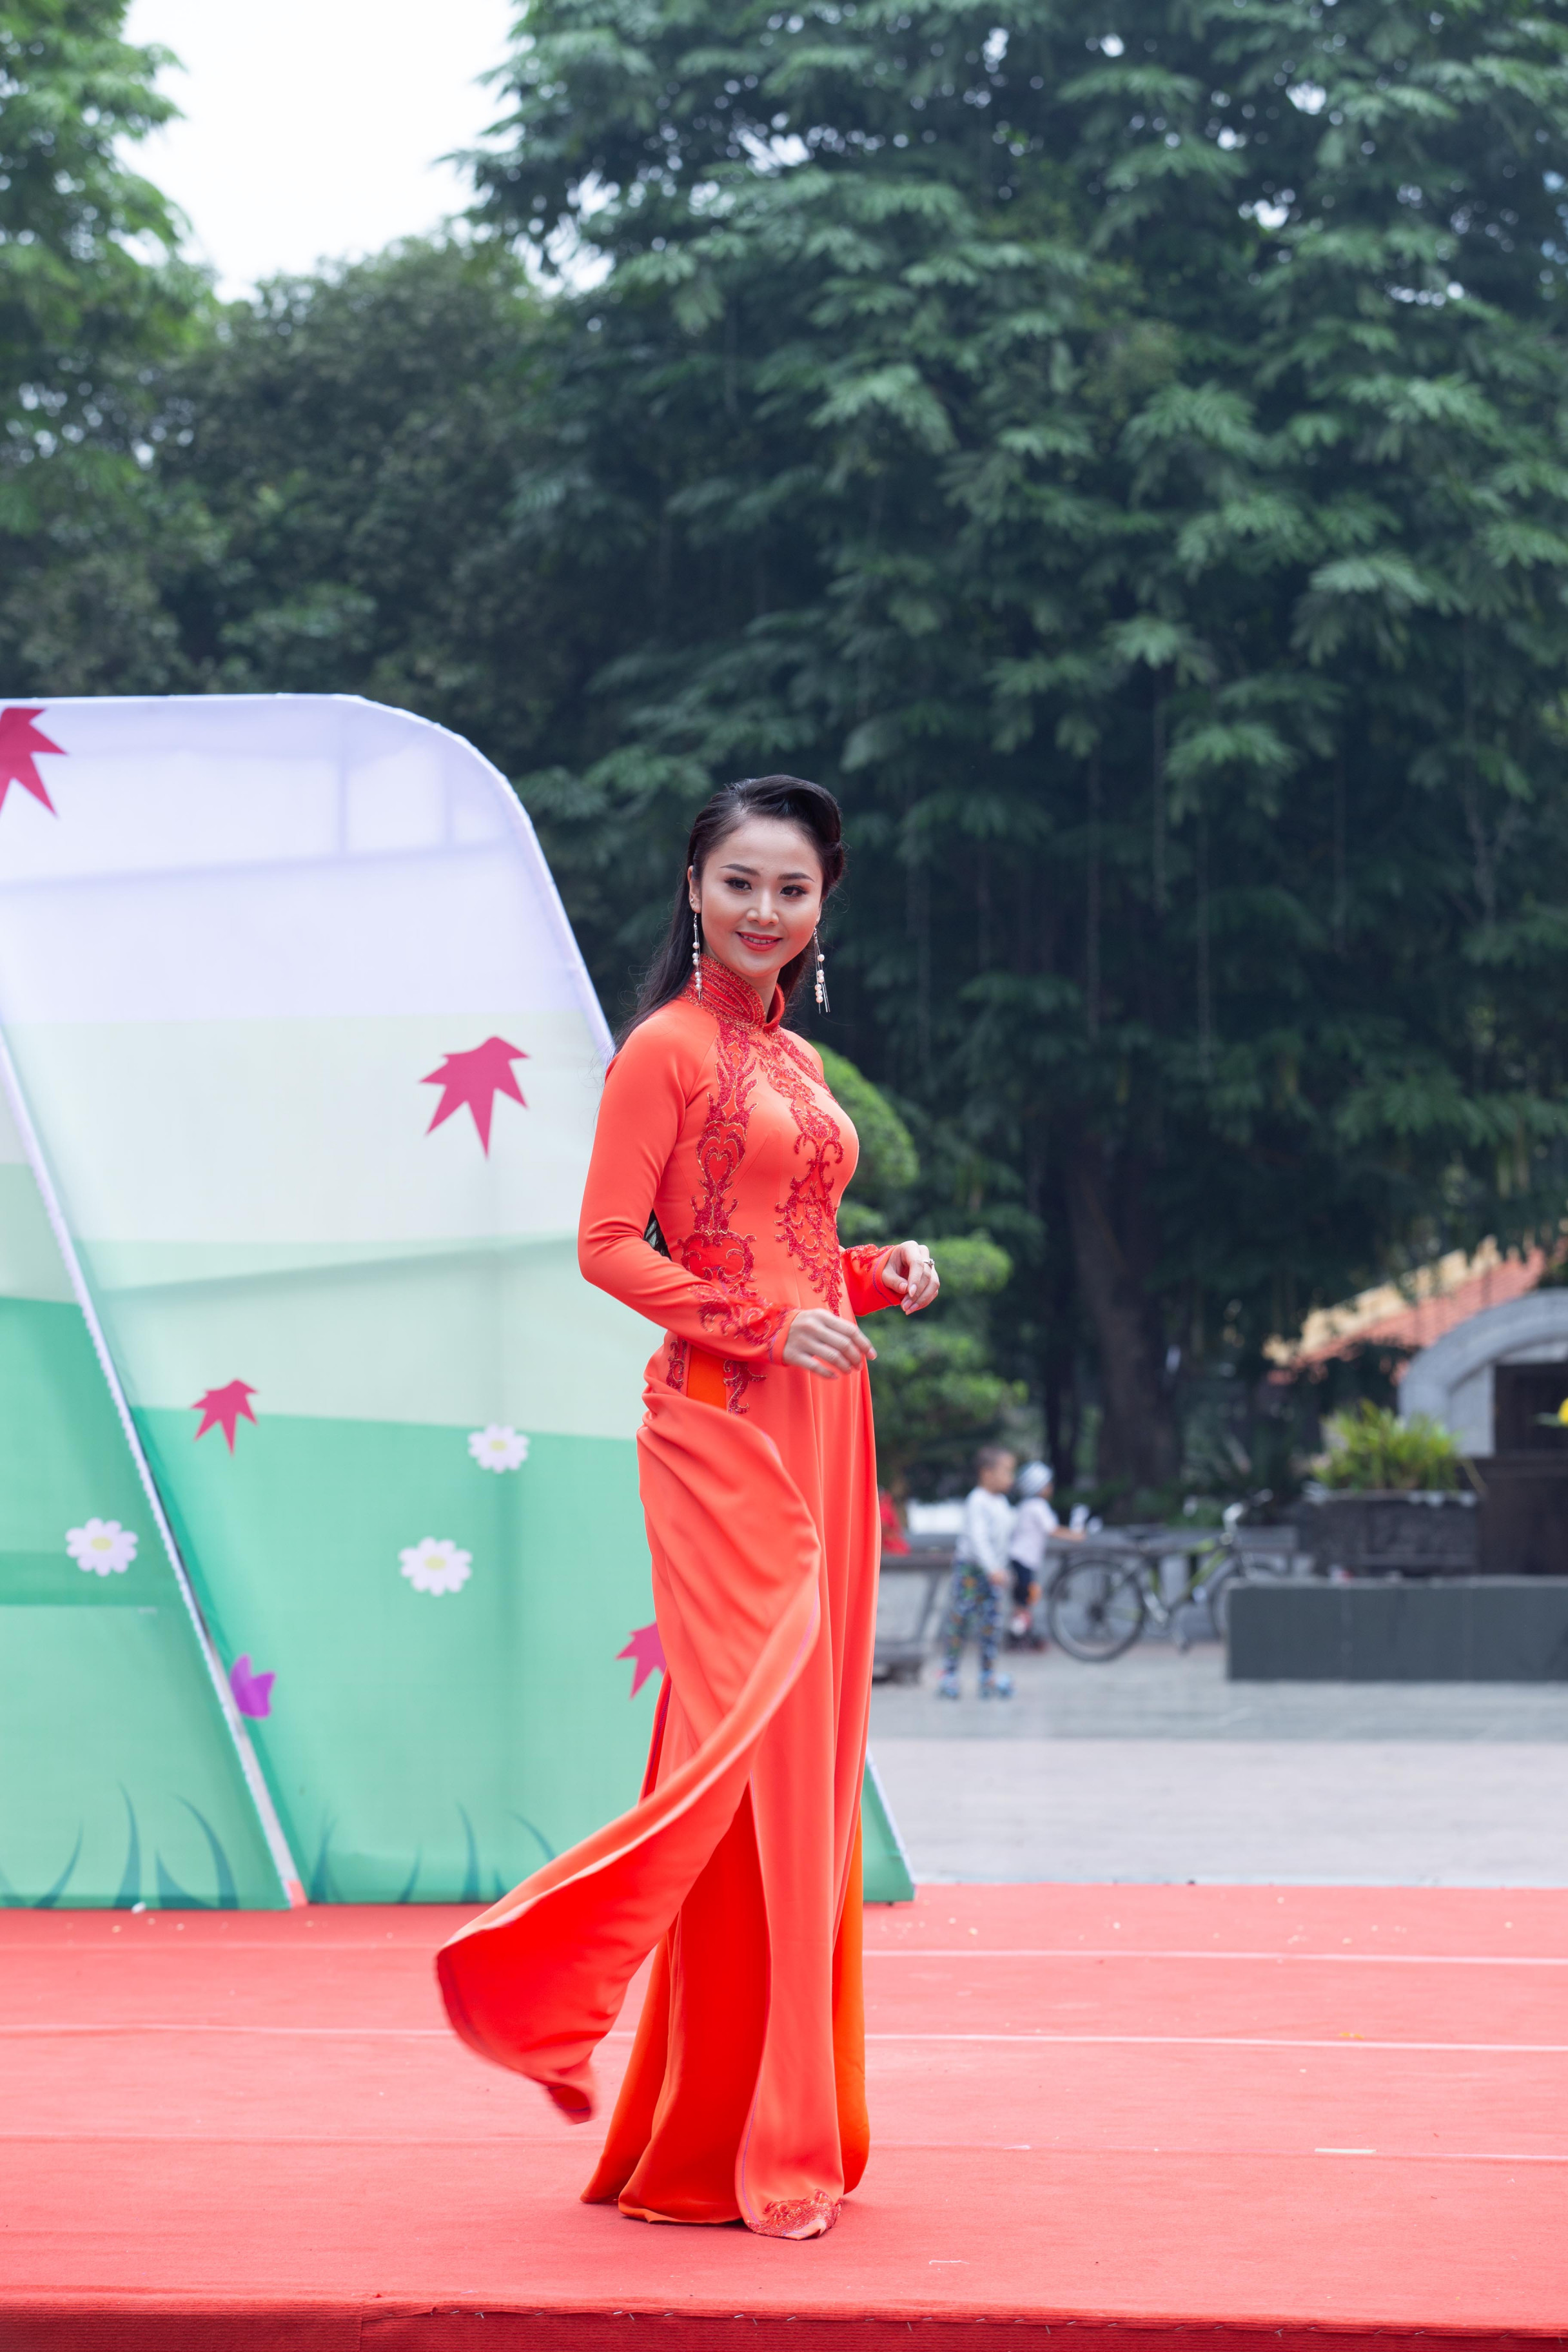 Hoa khôi Tài sắc Việt Nam 2017 Hồ Phương Linh